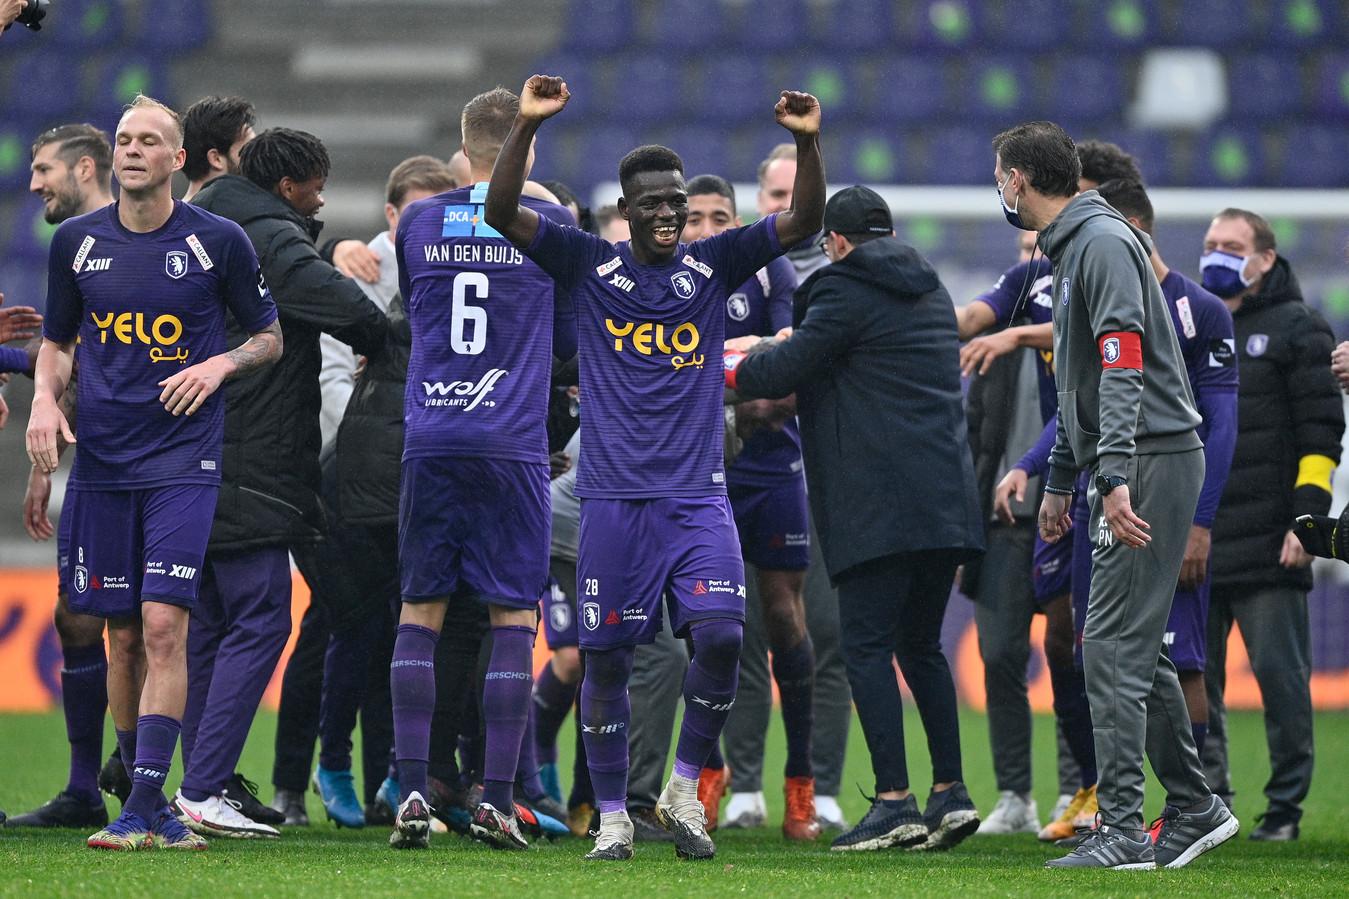 Beerschot na de winst tegen Anderlecht.